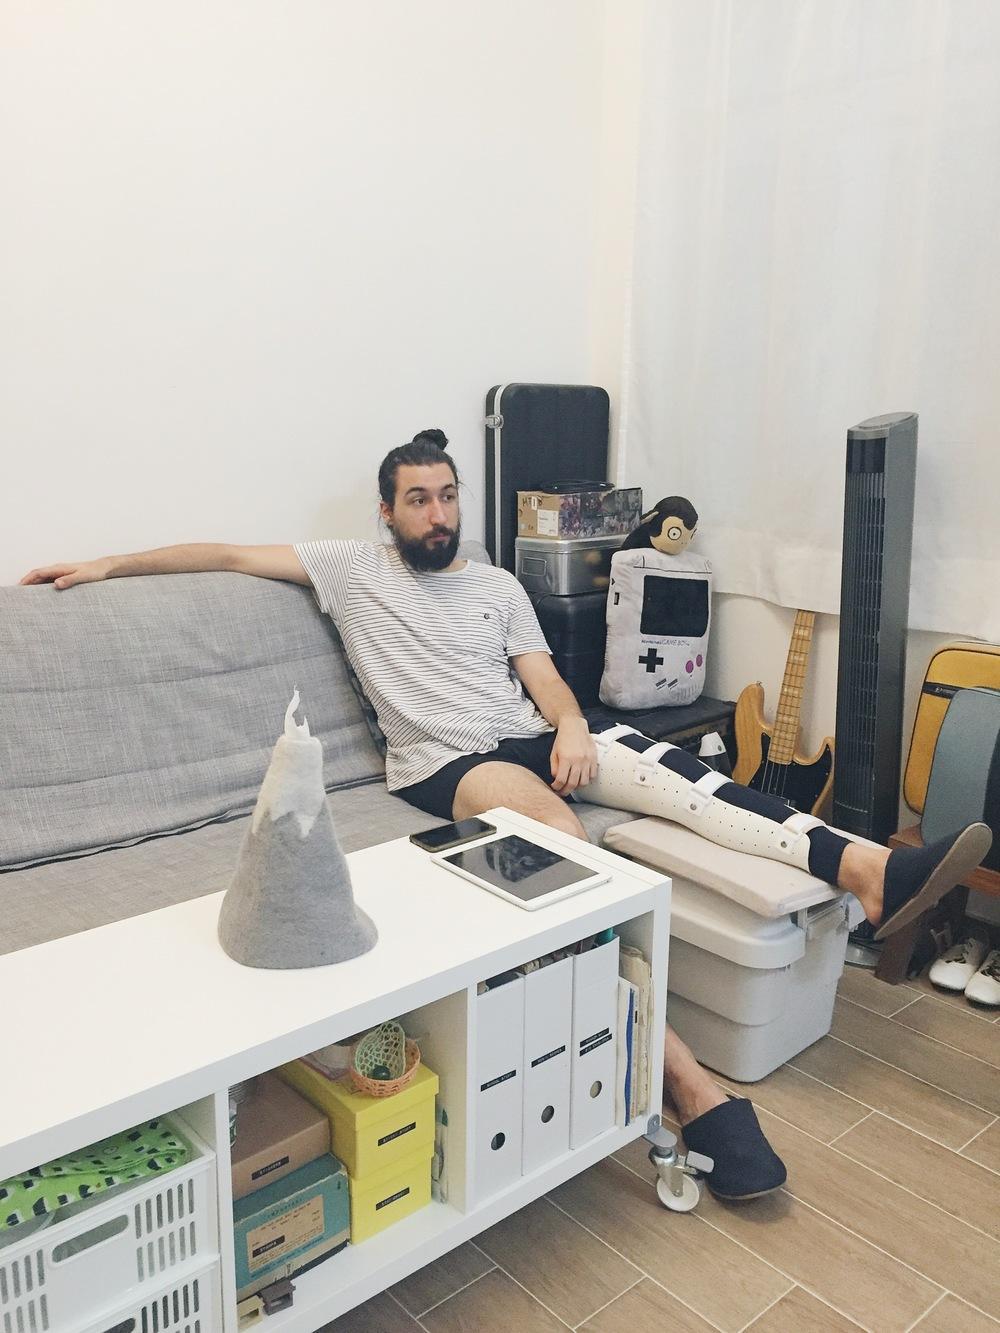 Posing sitting down